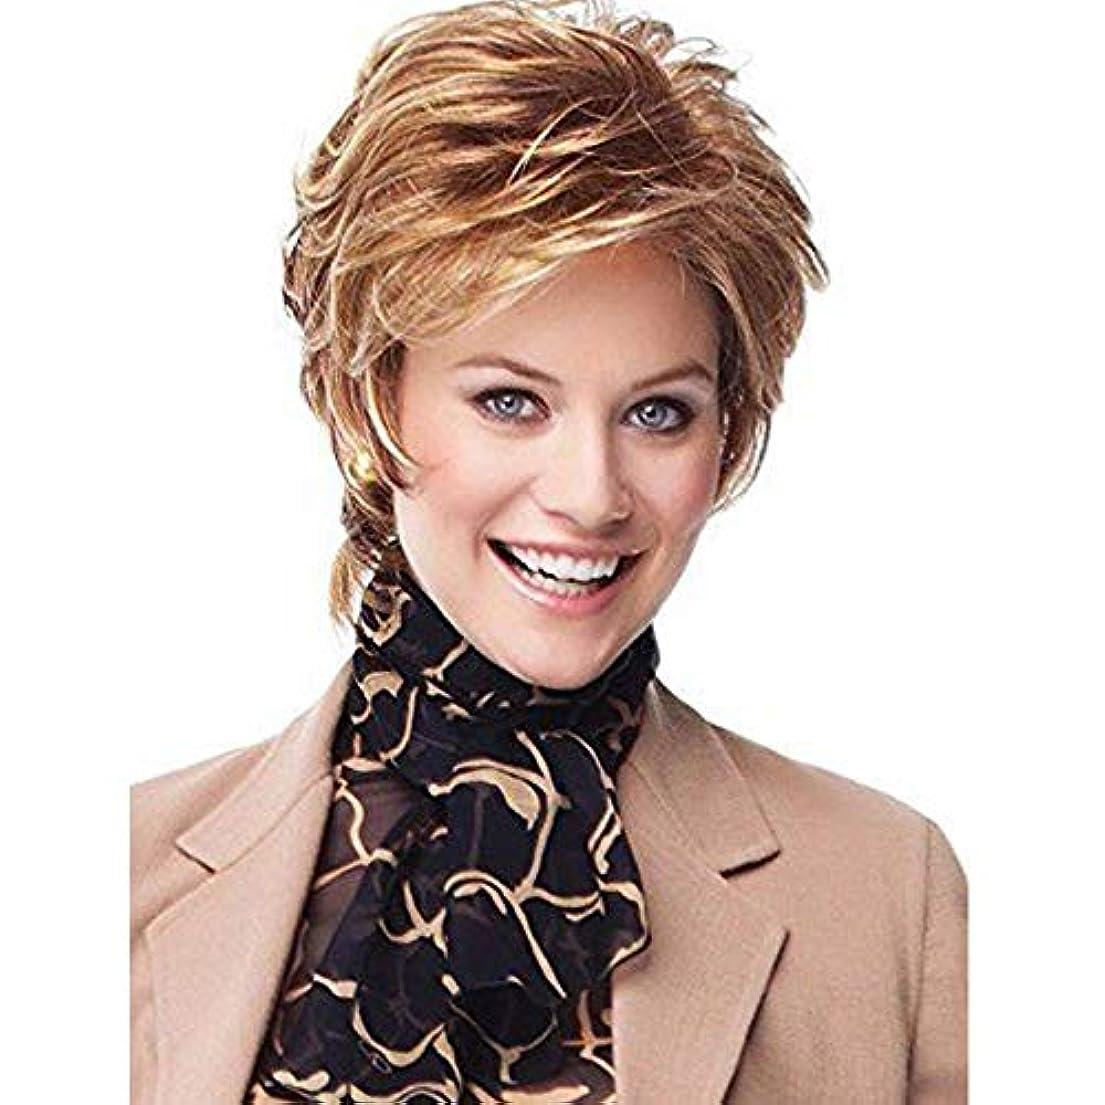 みがきます子供時代競争WASAIO 女性コスプレパーティーデイリーユースショートカーリーウィッグ魅力的なレディボブウィッグキャップ付き (色 : Blonde)